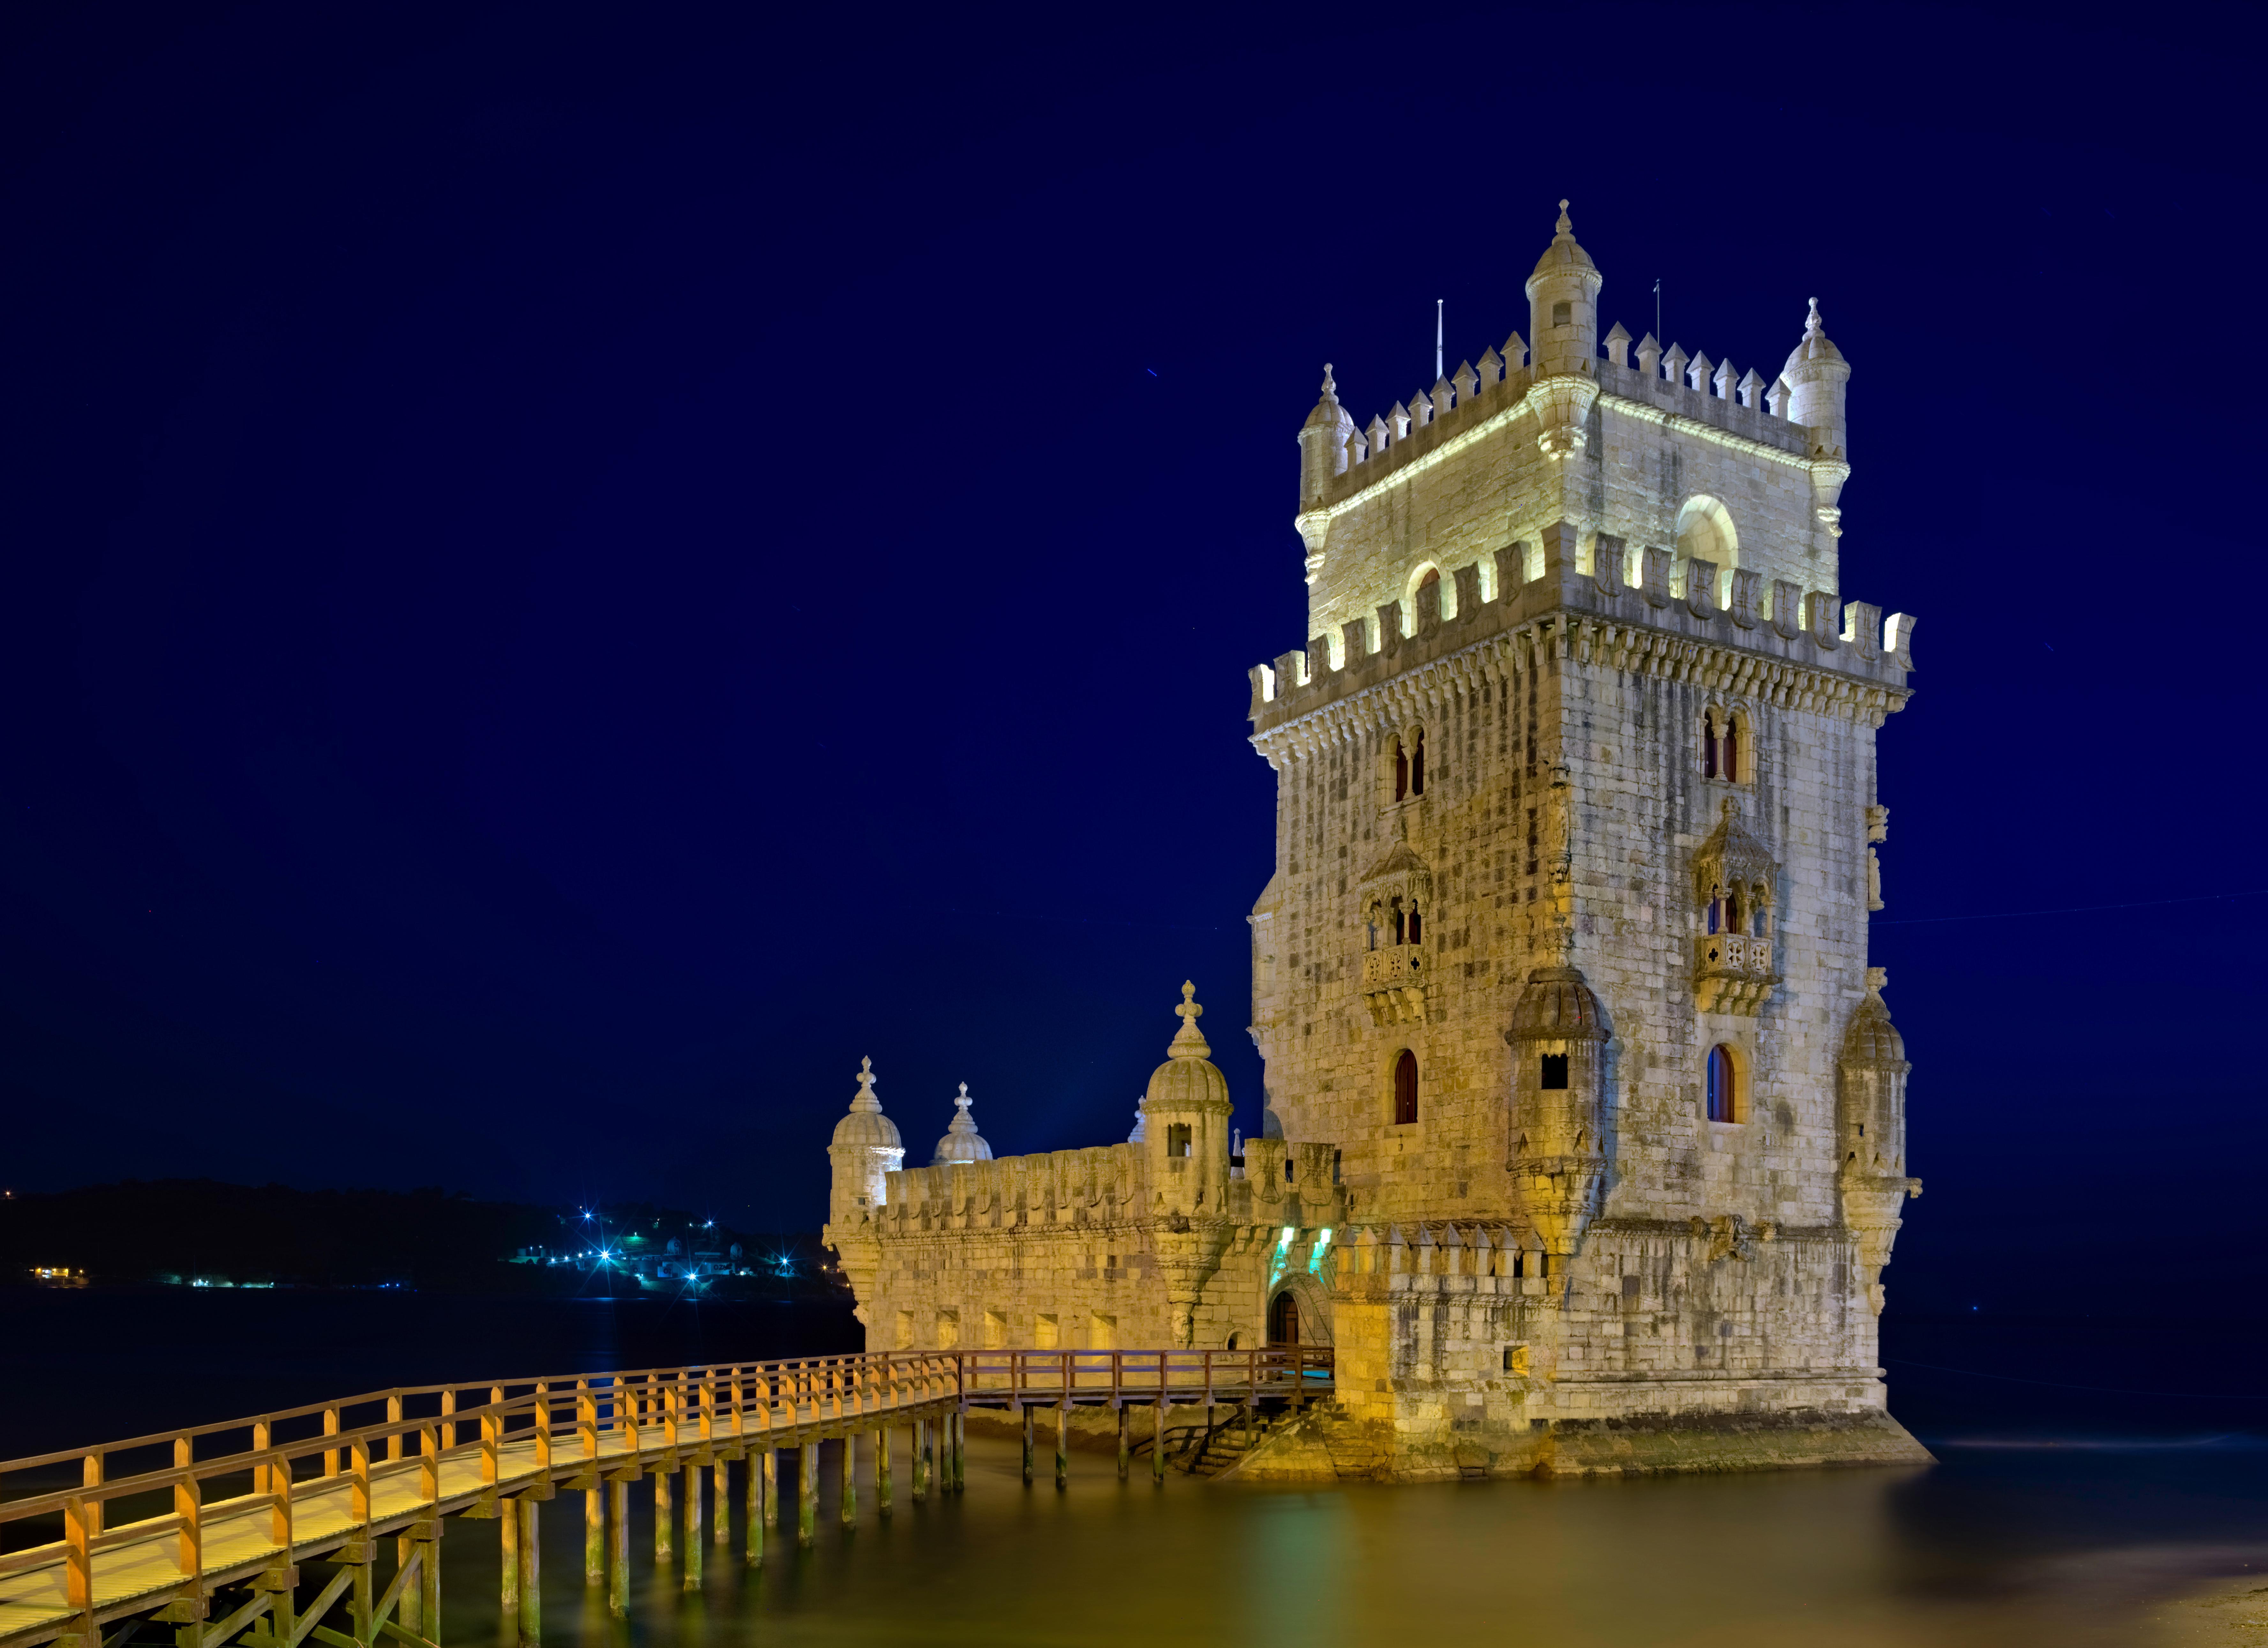 Torre de Belem (Francisco de Arruda) in Lisbon, Portugal  [7106×5163]